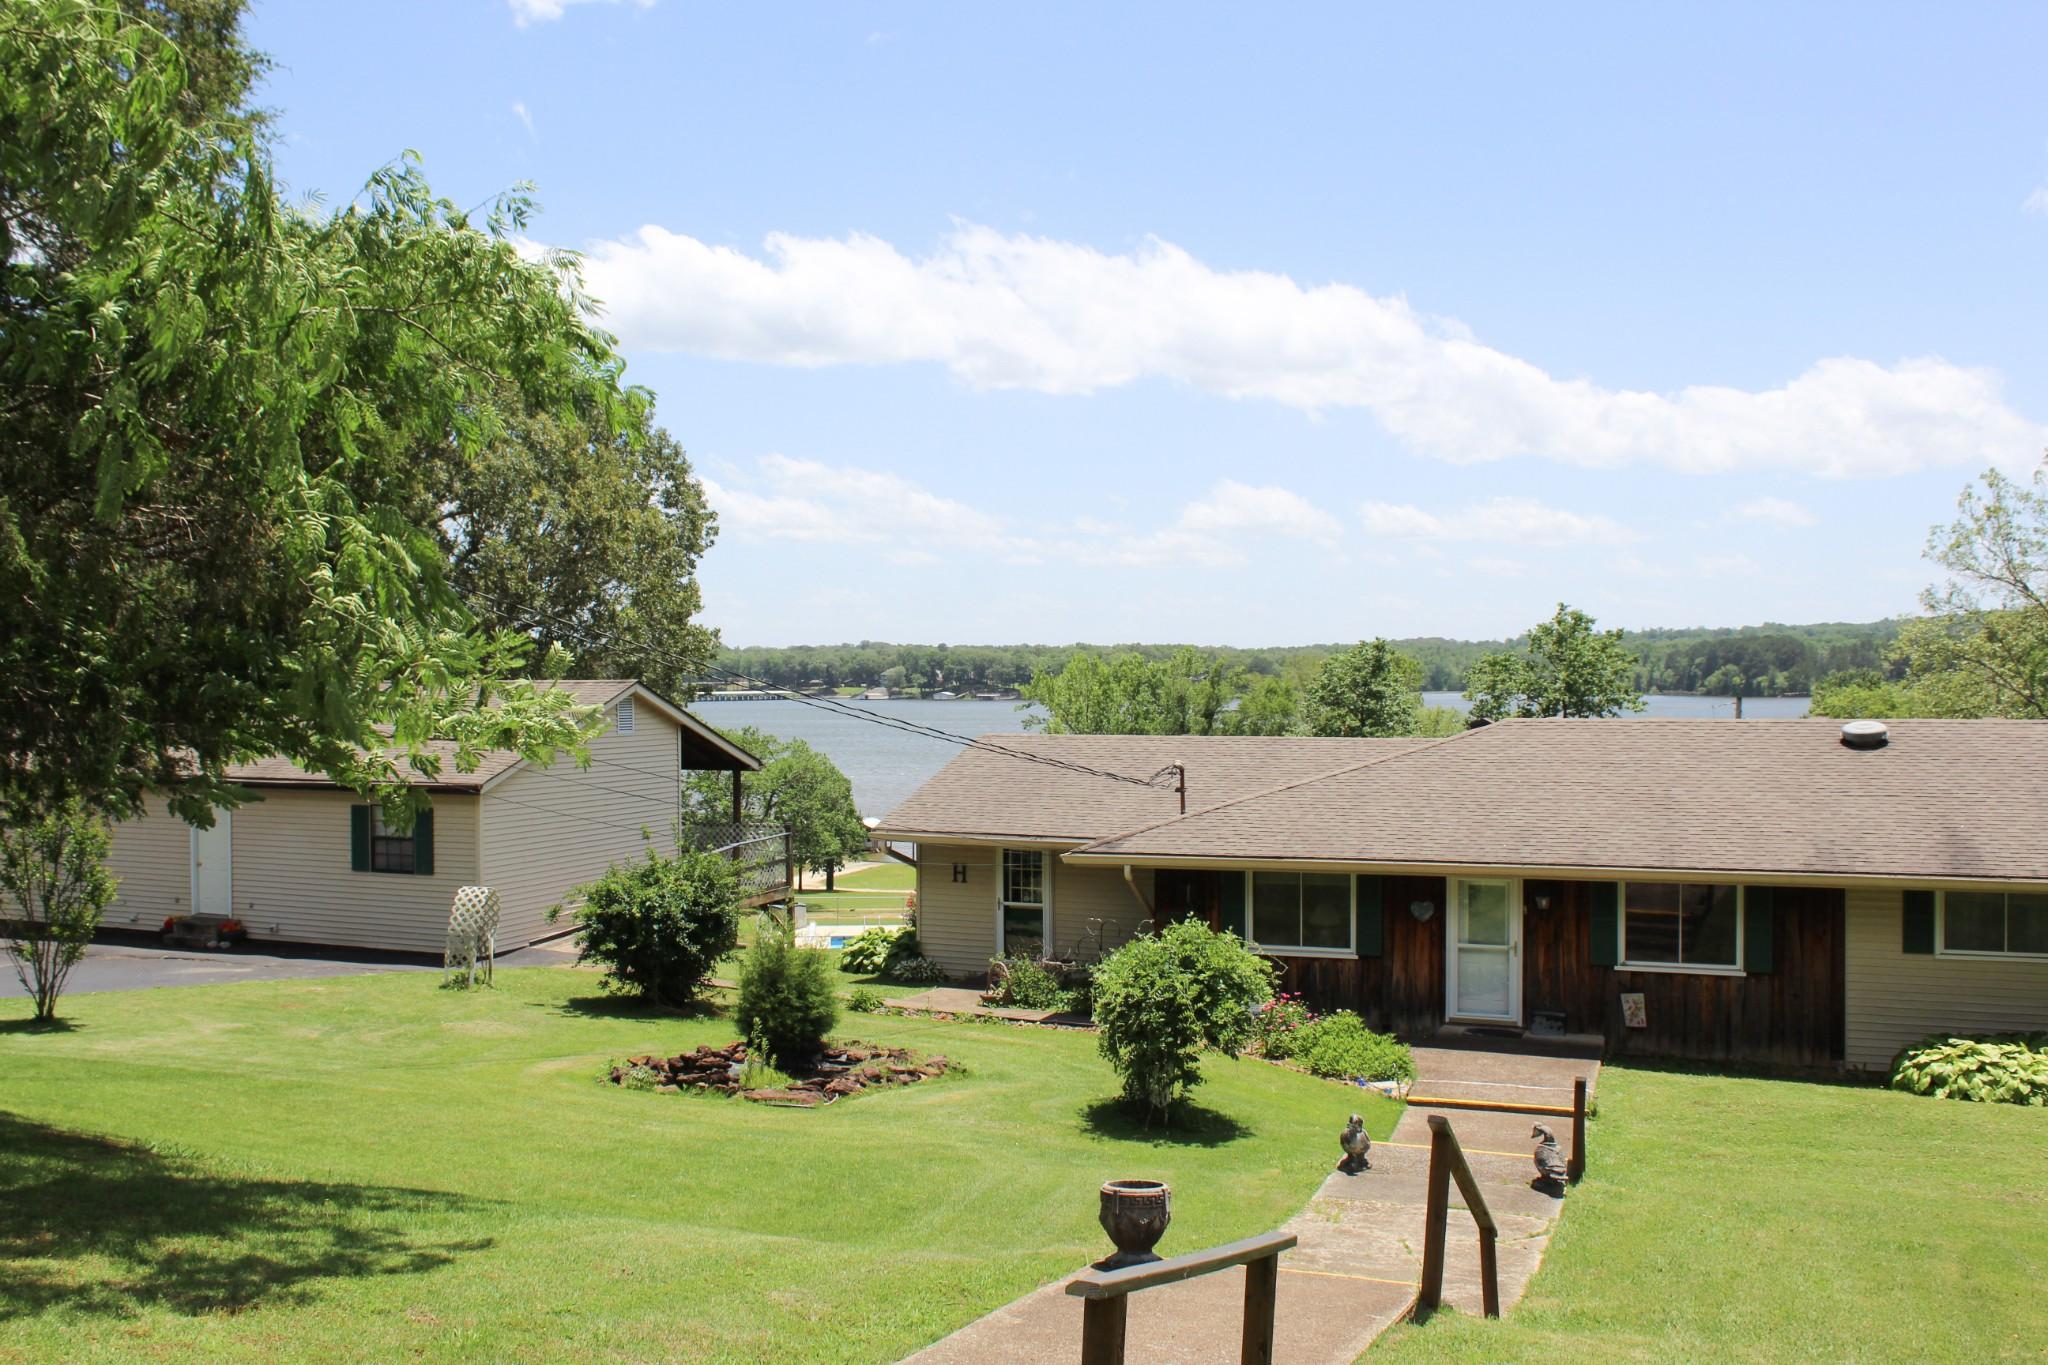 248 Oak Haven Rd Property Photo - Buchanan, TN real estate listing